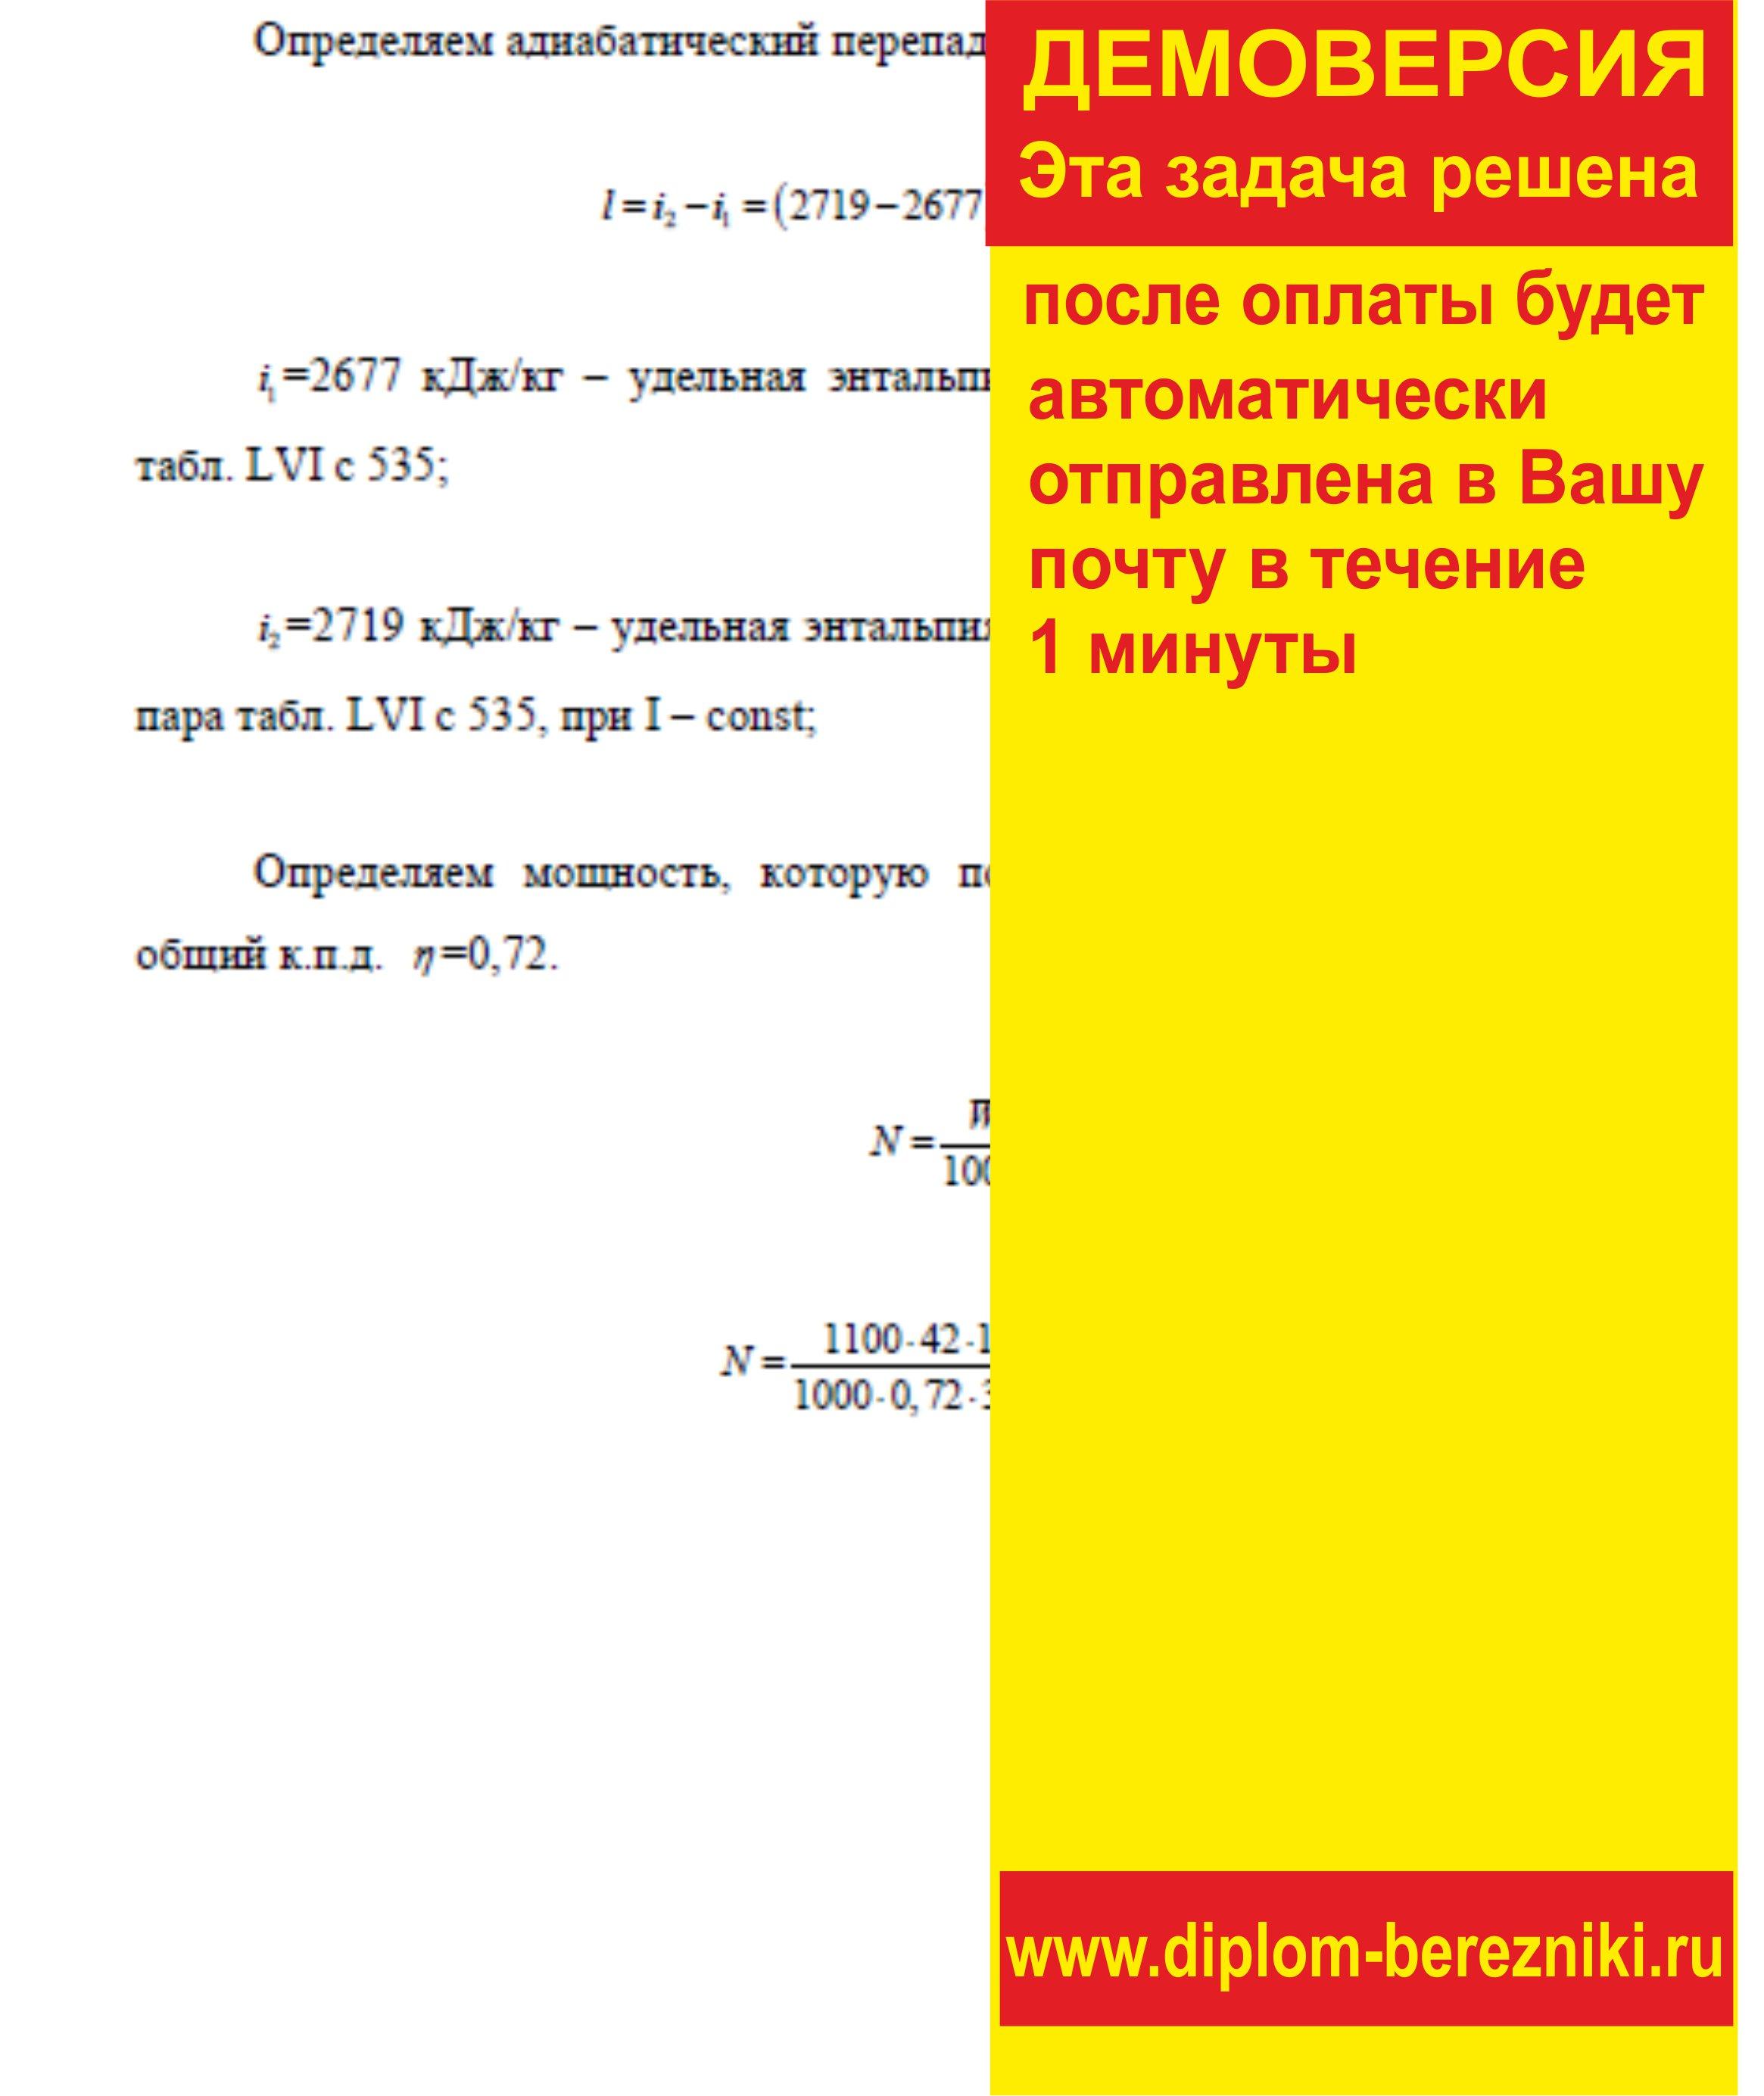 Решение задачи 5.34 по ПАХТ из задачника Павлова Романкова Носкова